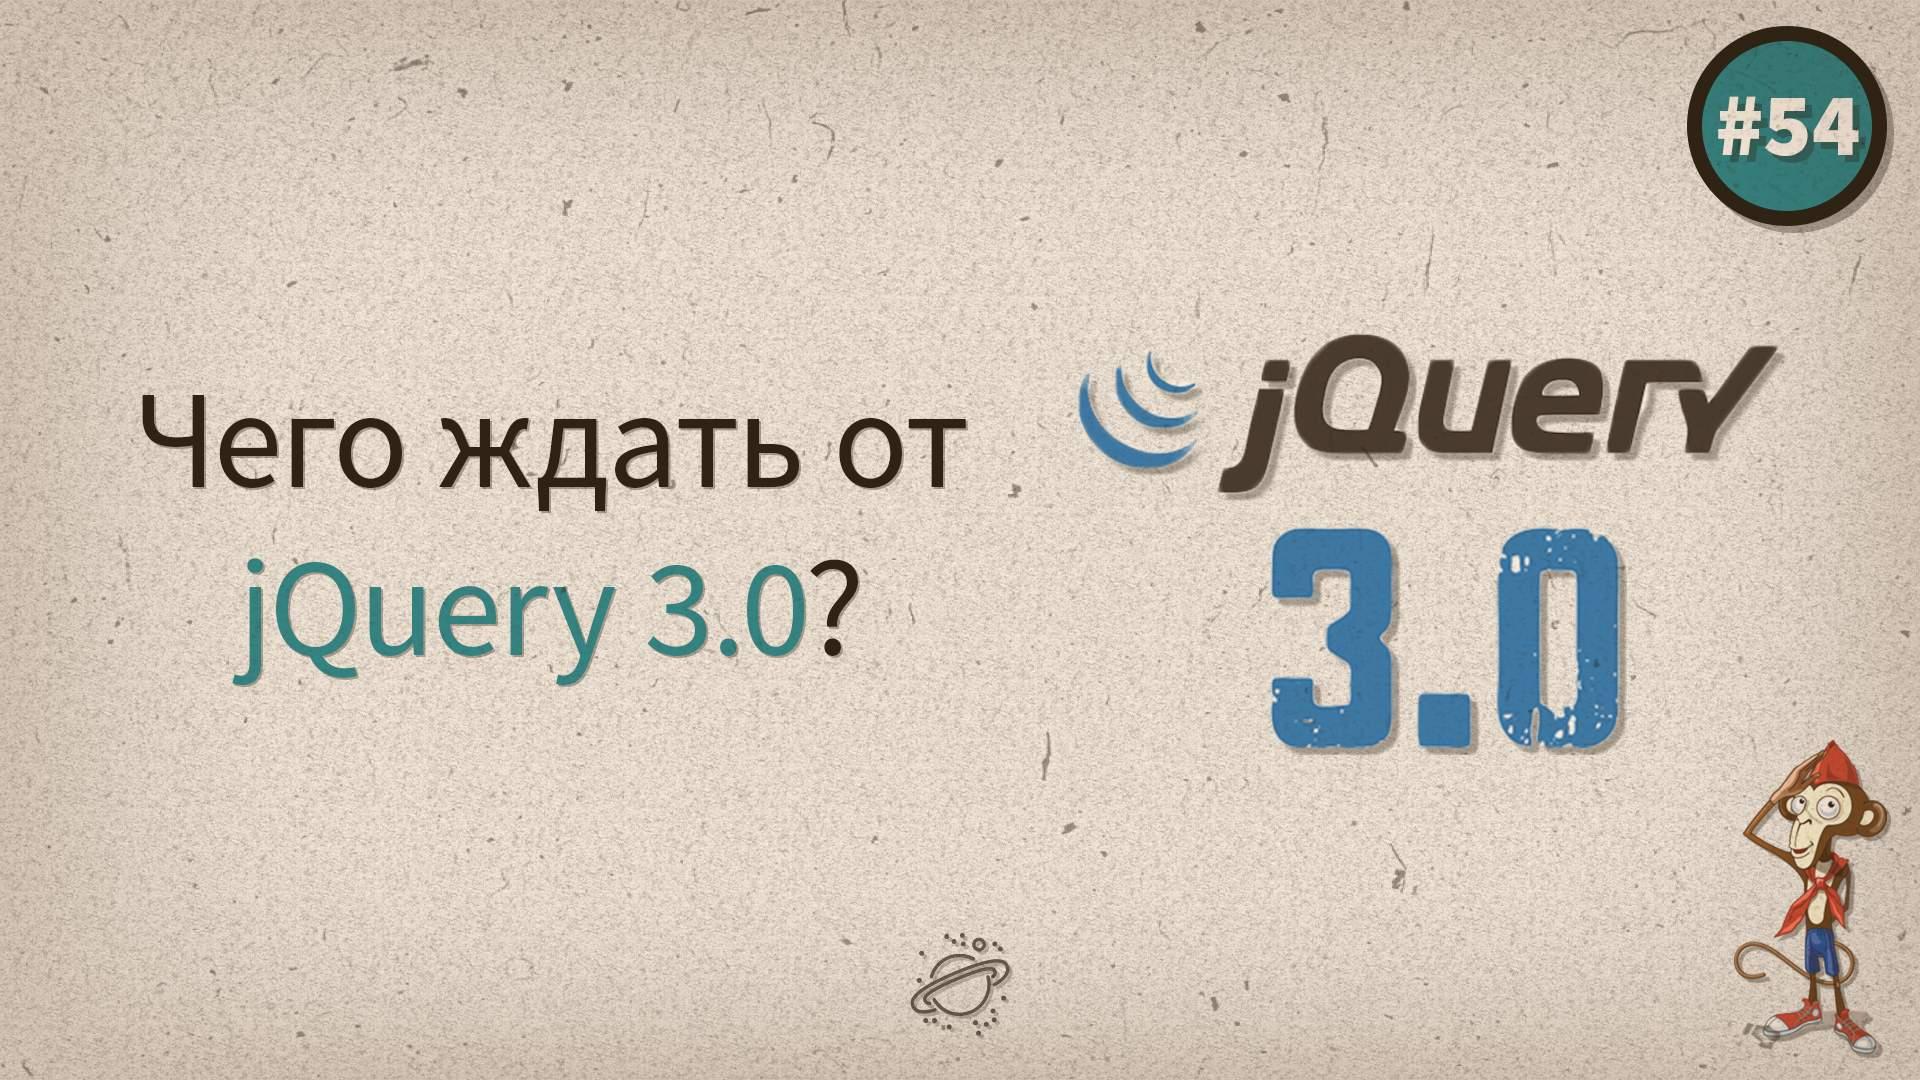 Чего ждать от jQuery версии 3.0?